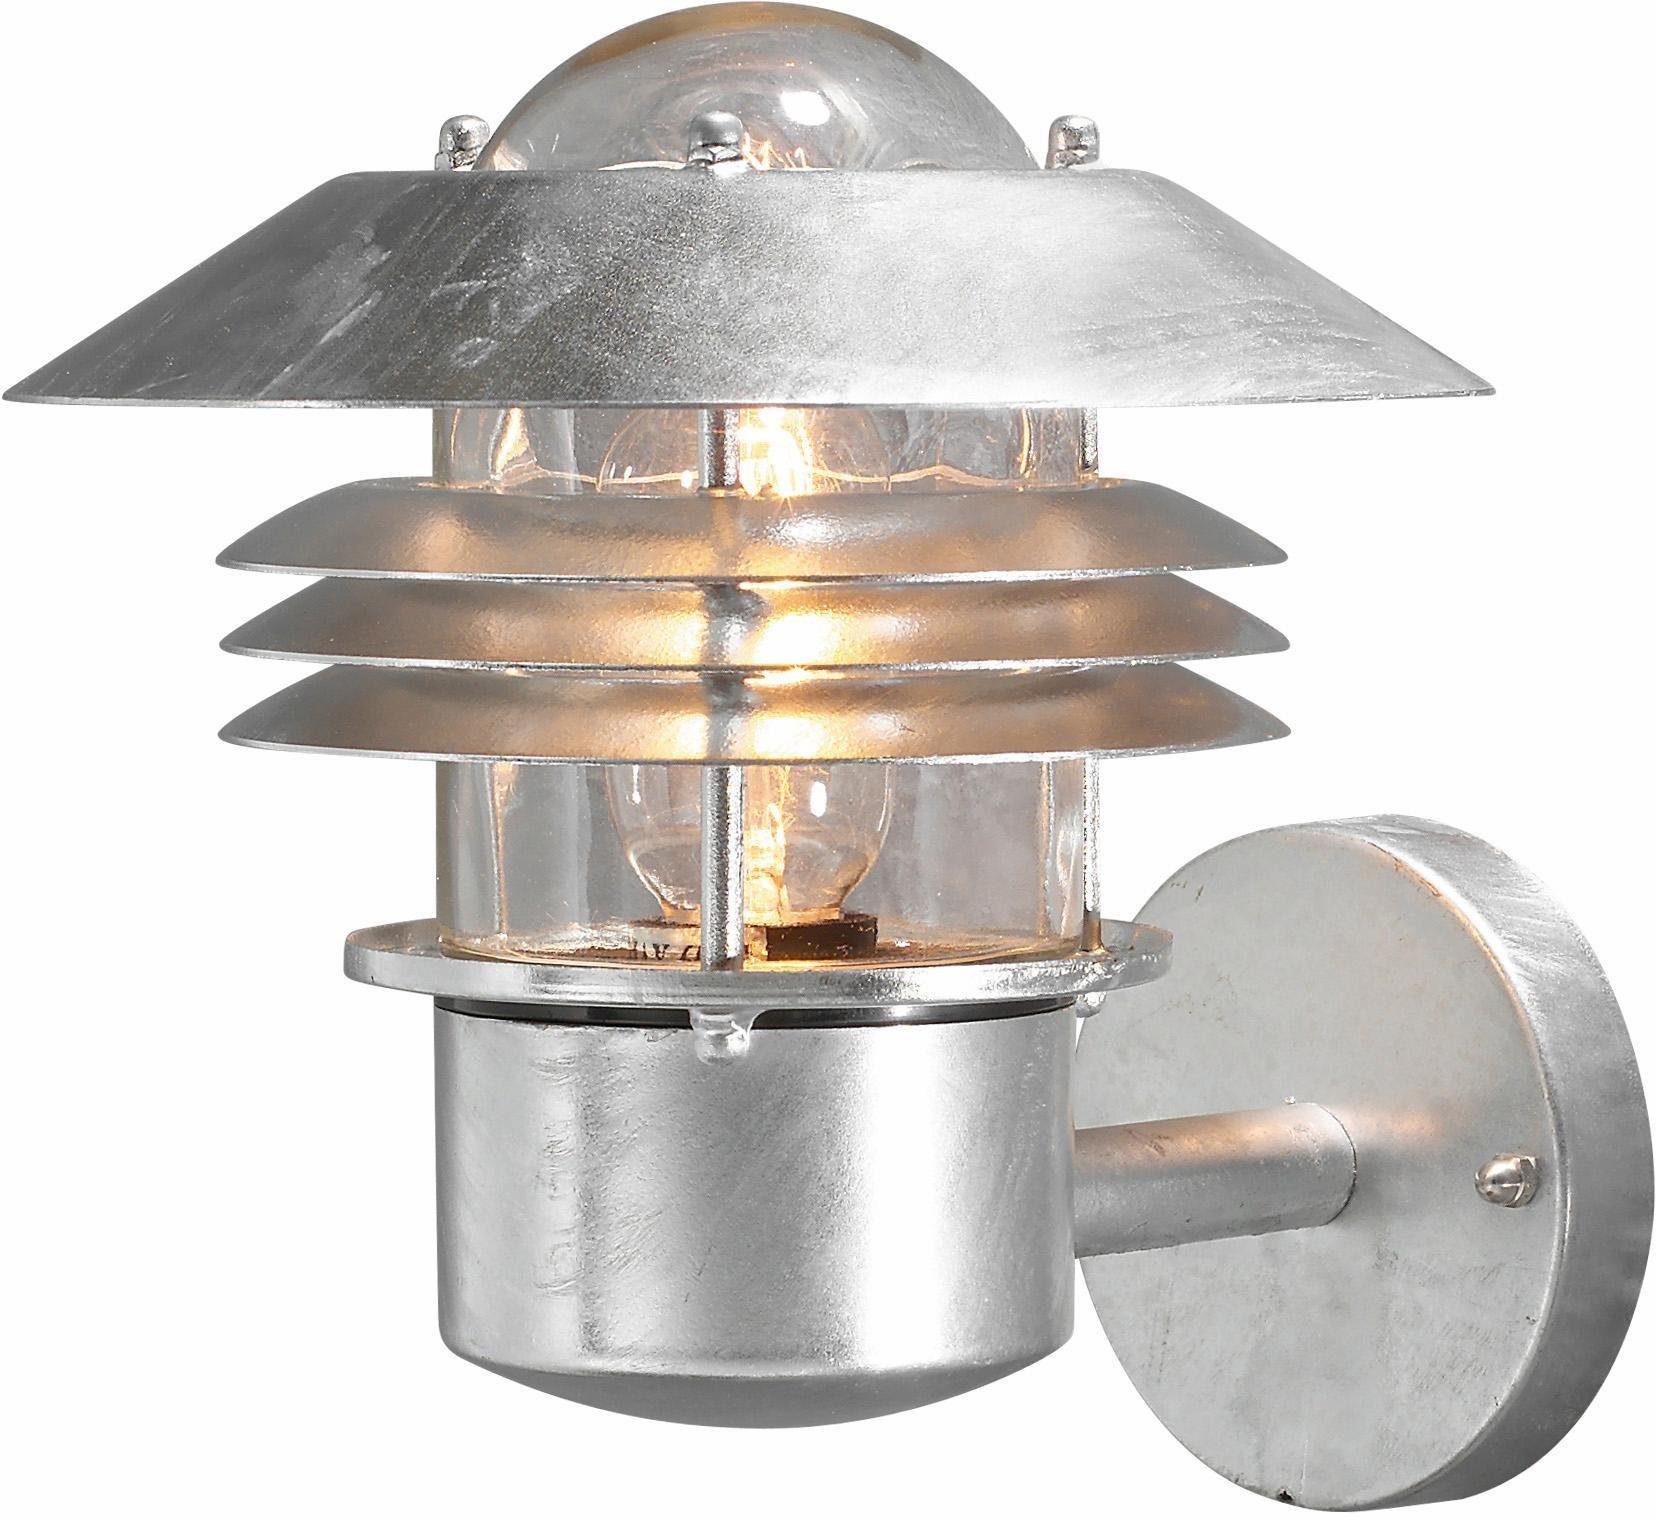 KONSTSMIDE LED Außen-Wandleuchte »MODENA«, 1-flammig, Außenleuchte für die Wandbefestigung